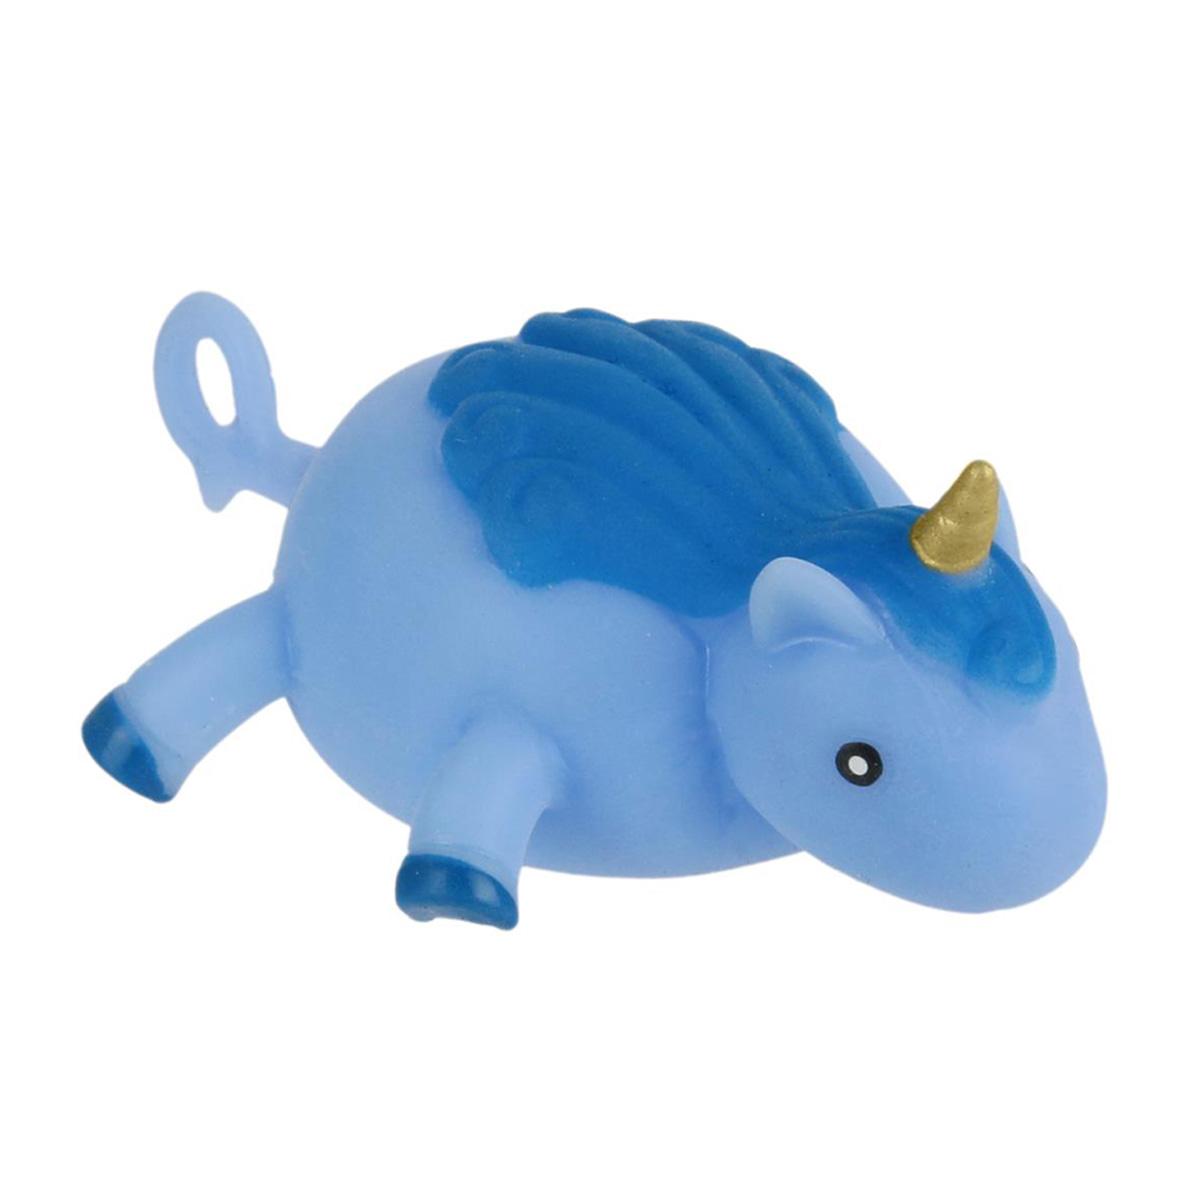 Ballon créateur \'Licorne My Unicorn\' bleu - 9x8x4 cm (jusqu\'à 25 cm) - [Q4450]